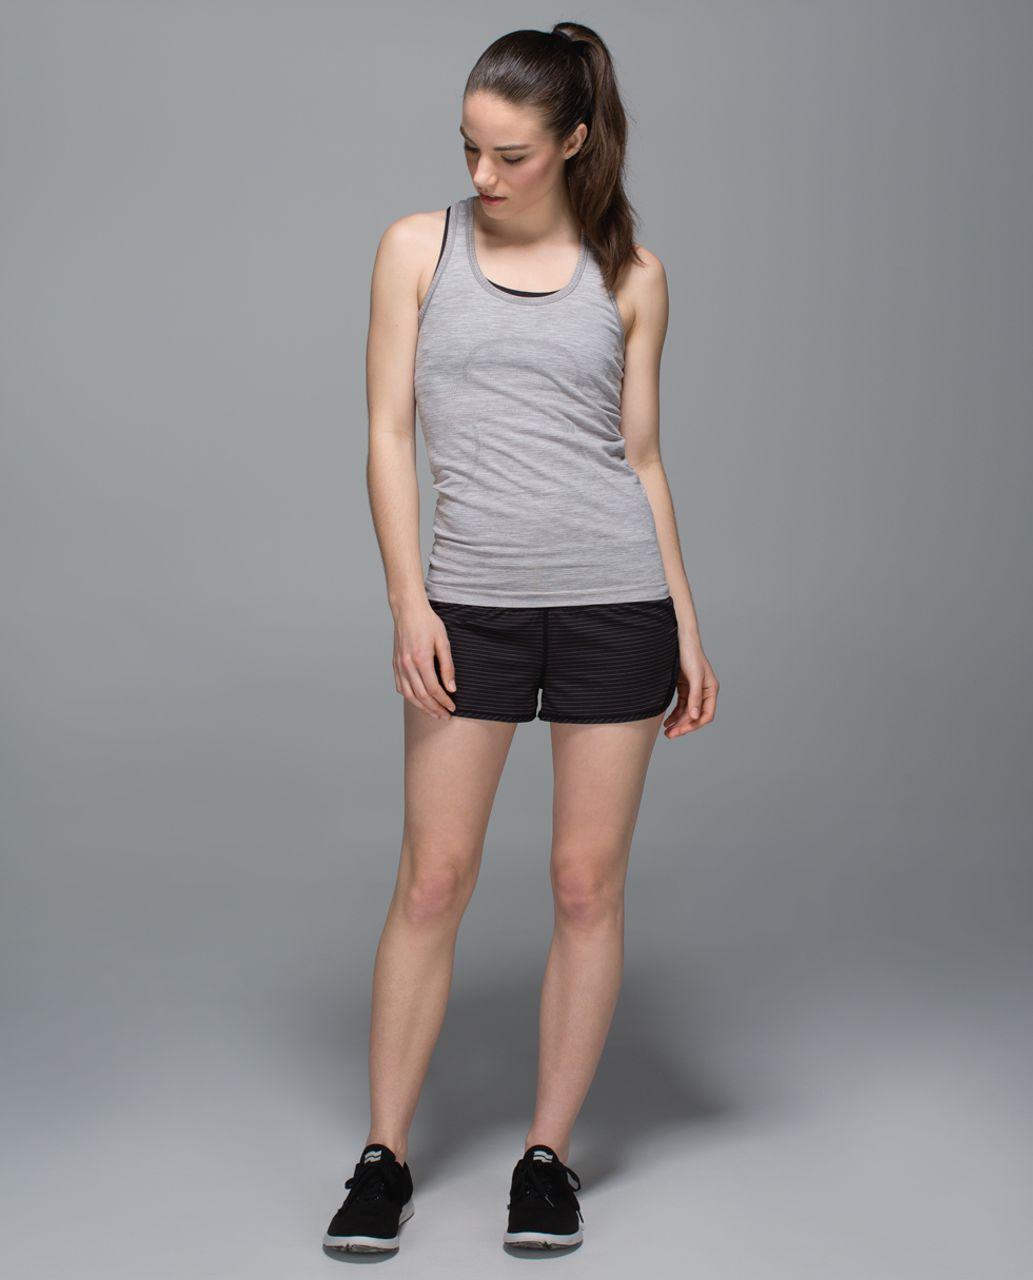 Lululemon Run For Days Short - Black